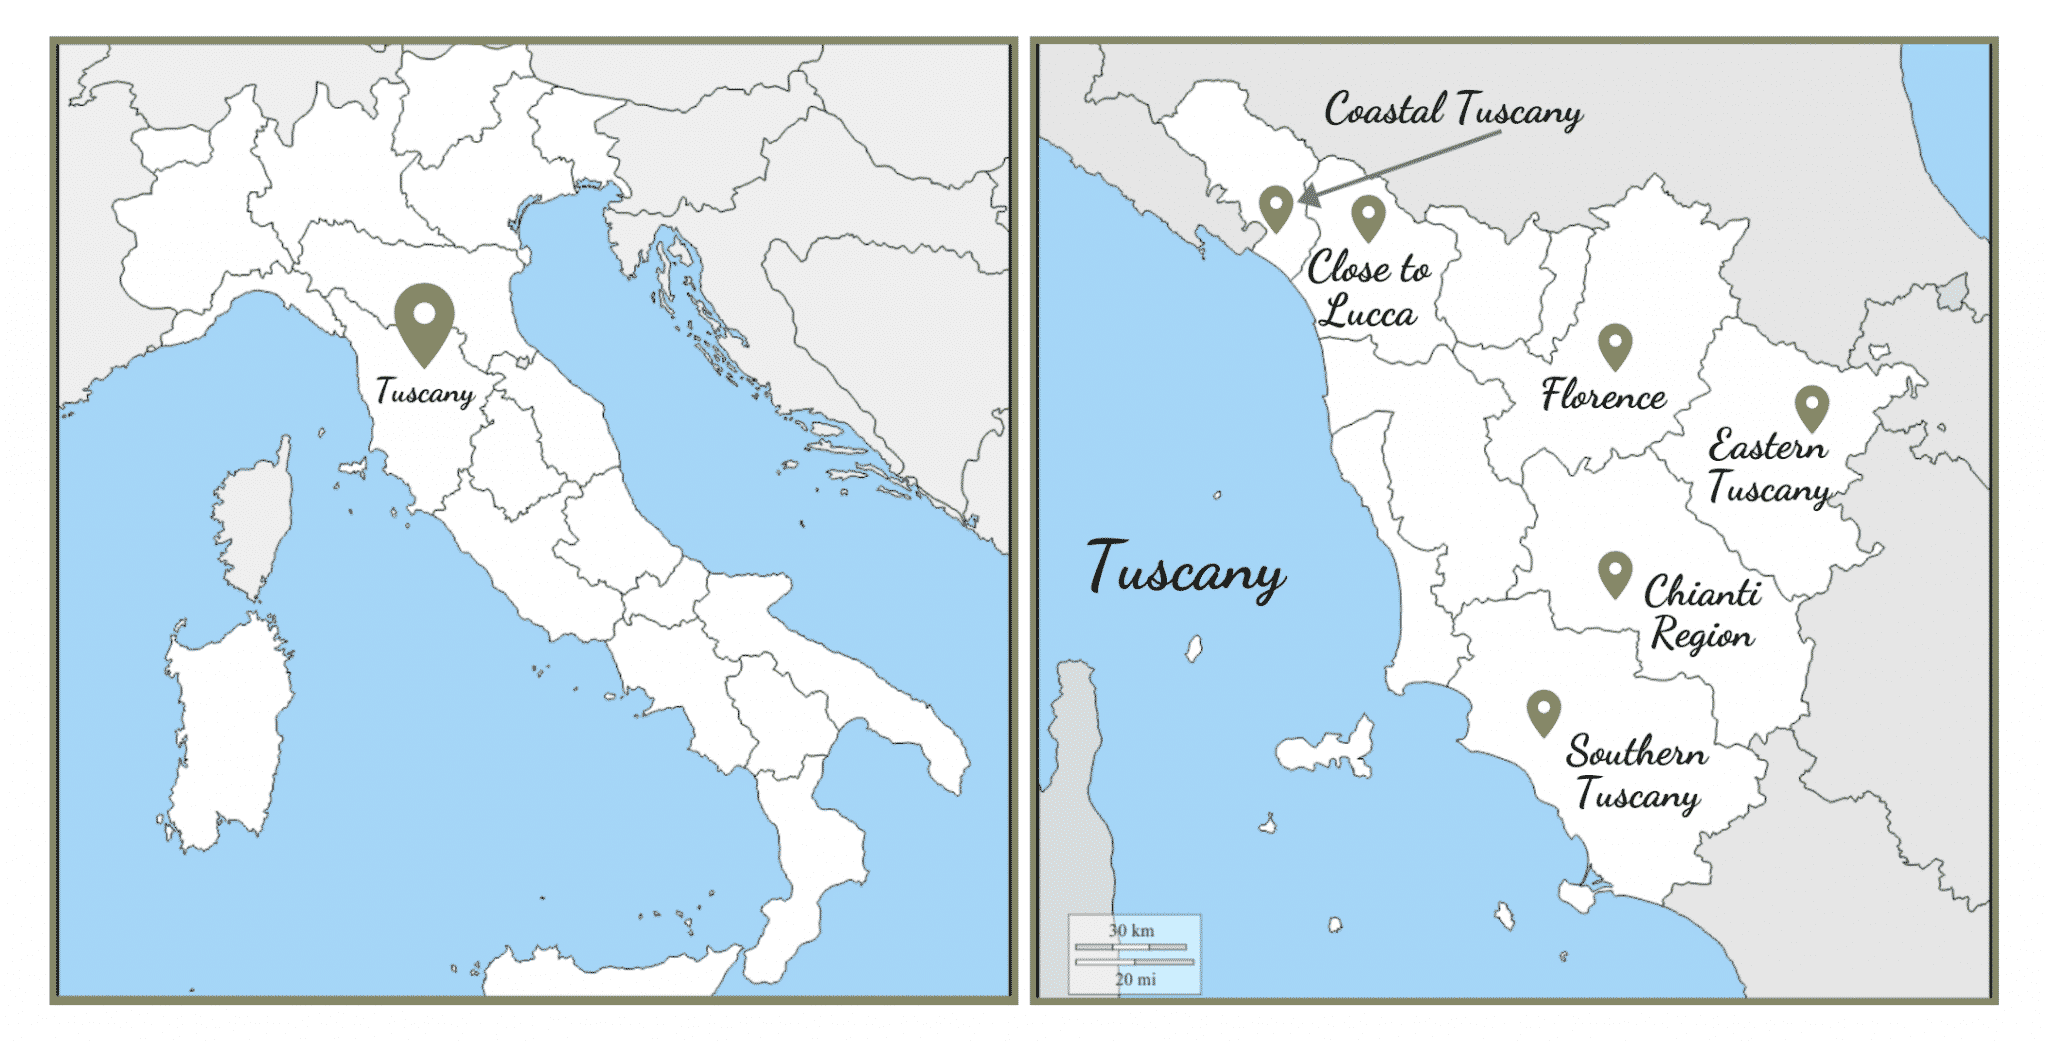 Tuscany Travel Locations